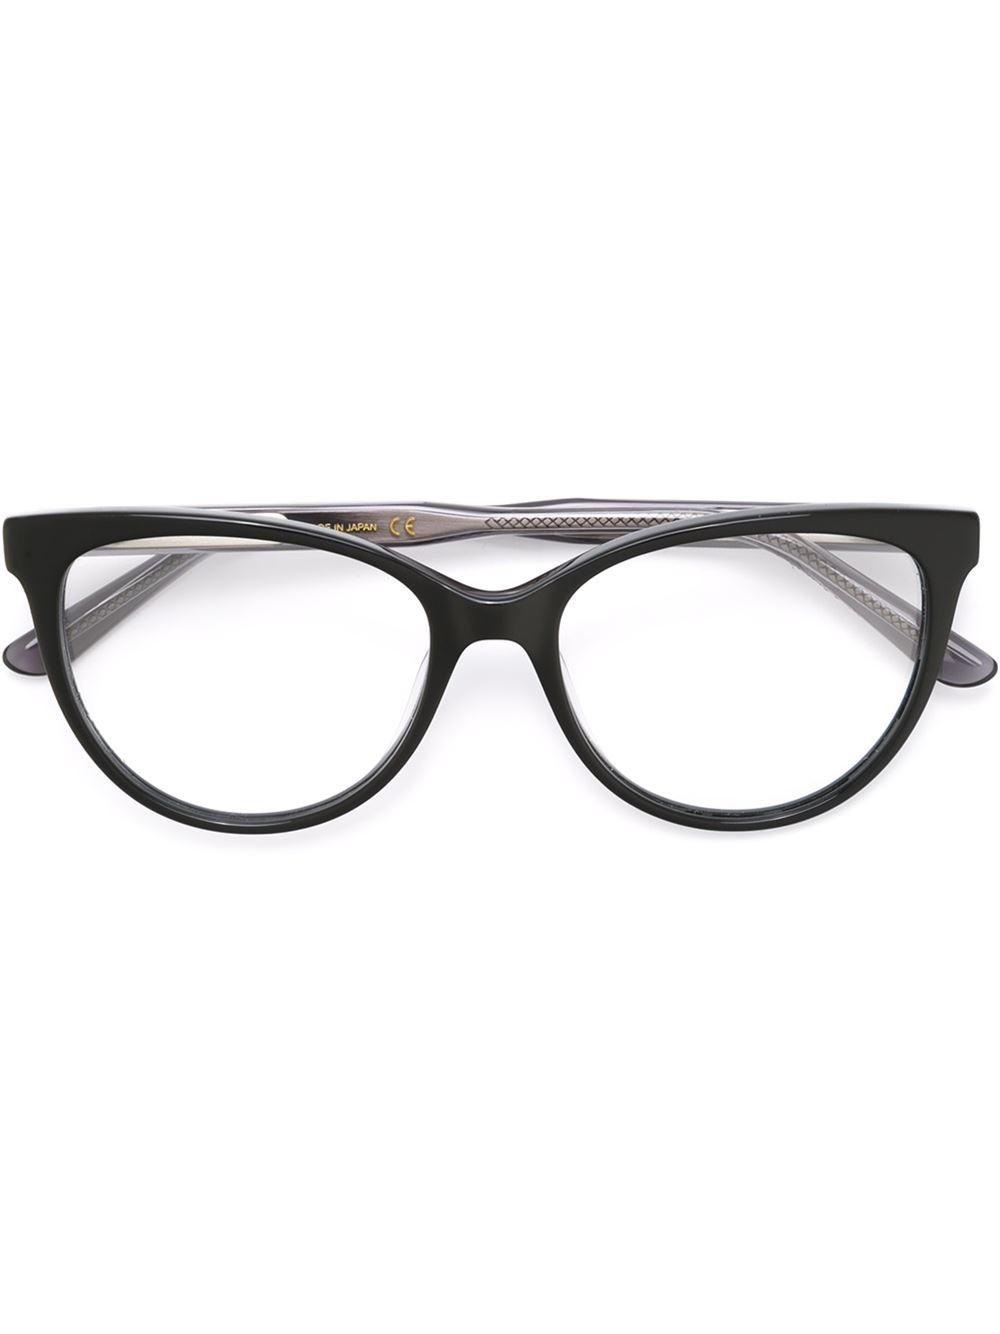 Eyeglasses Black Frame : Bottega veneta Cat Eye Frame Glasses in Black Lyst